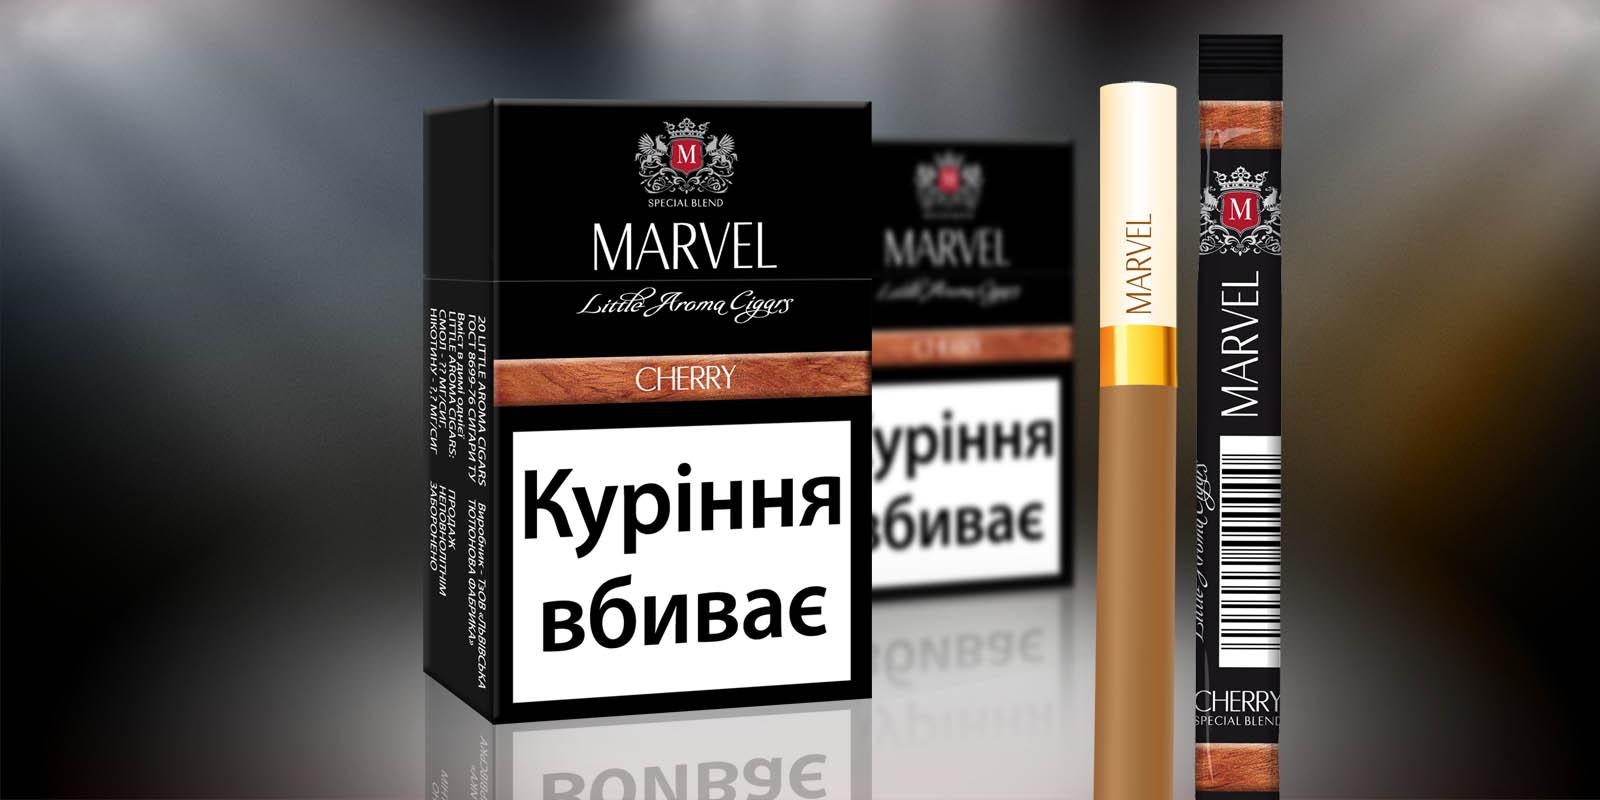 Створення імені бренду, логотипу, дизайну паковання -ТМ Marvel - Рішення  для брендів   GBS